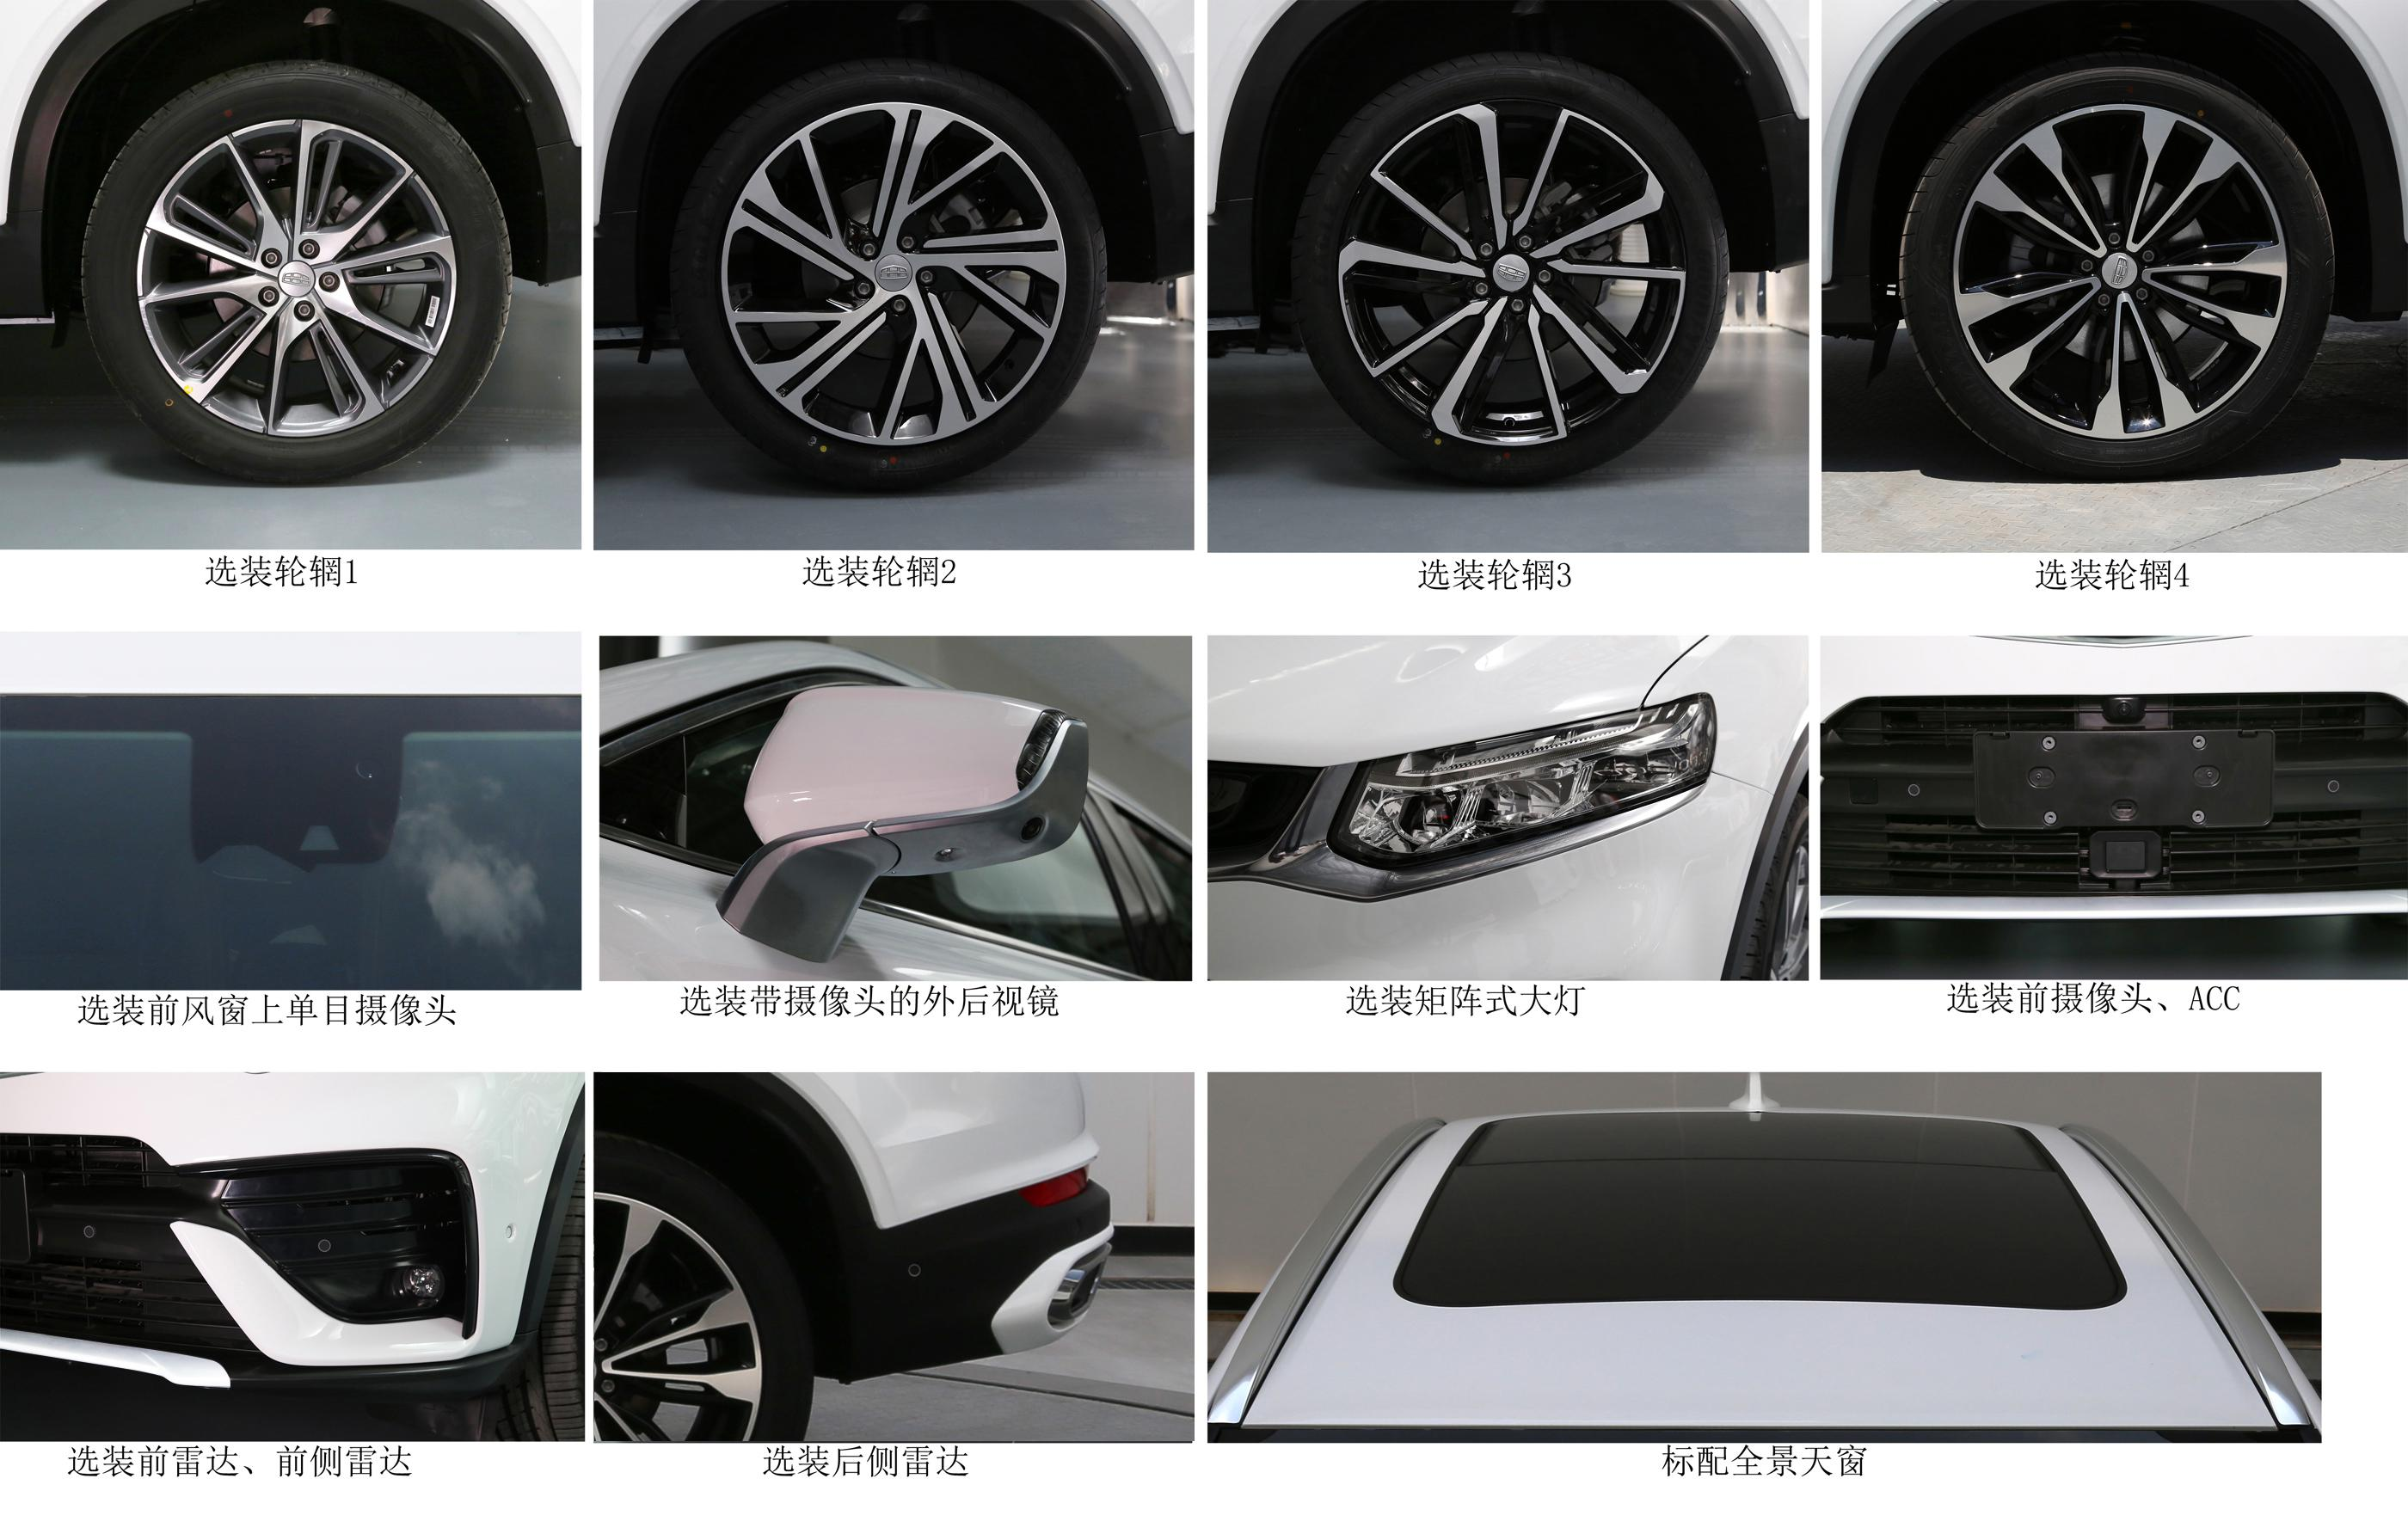 命名引人关注 吉利全新轿跑SUV将推插混版